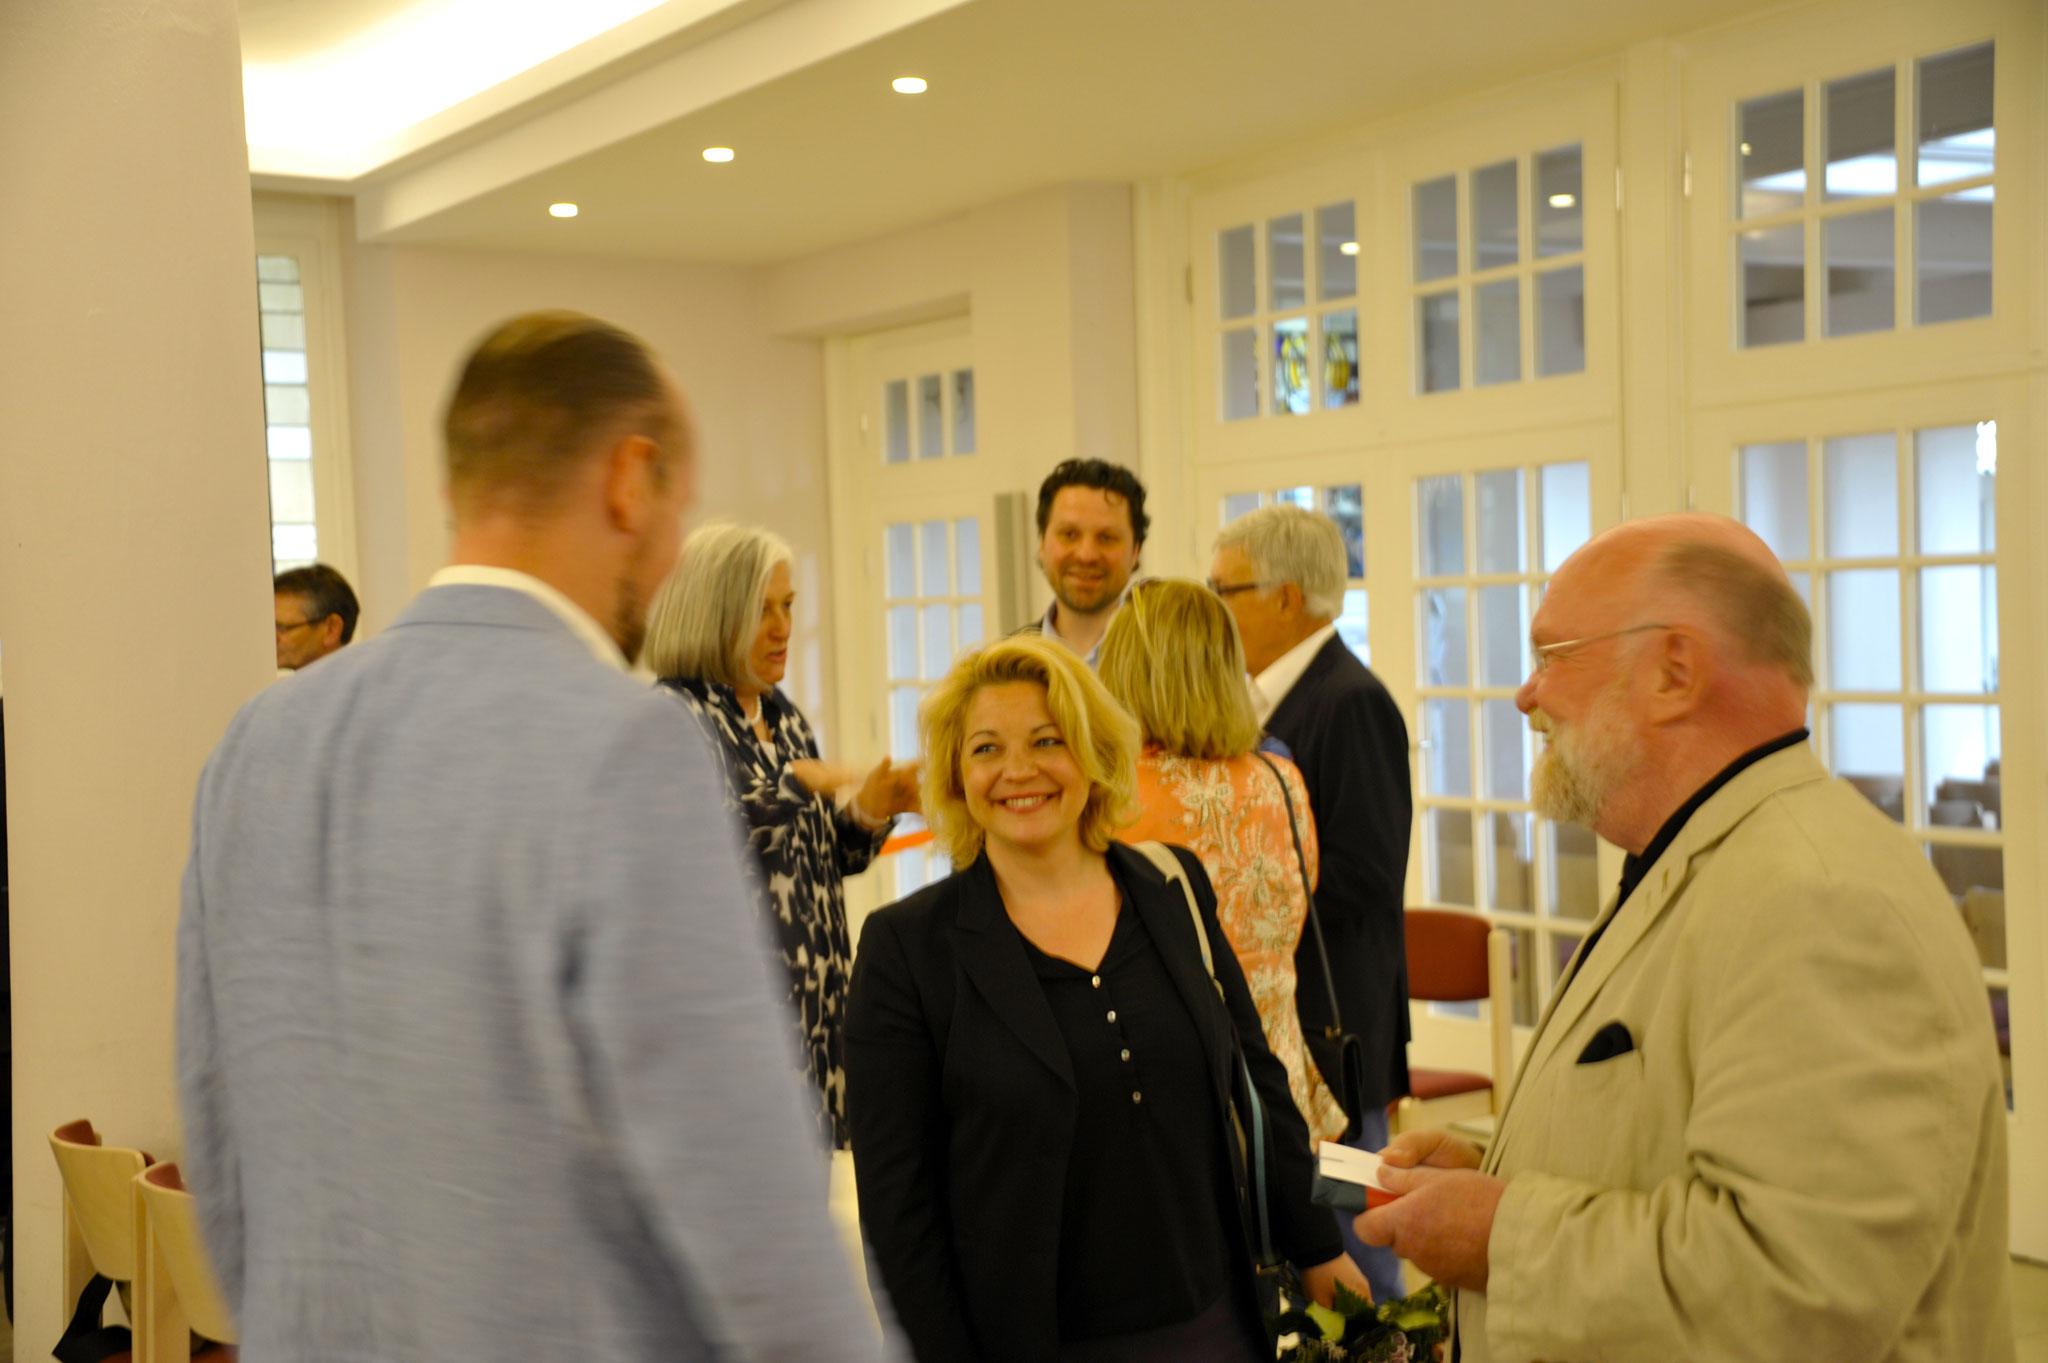 Rosa Legatis, Reinhold Fahlbusch im Gespräch mit Phillip Schmalstieg